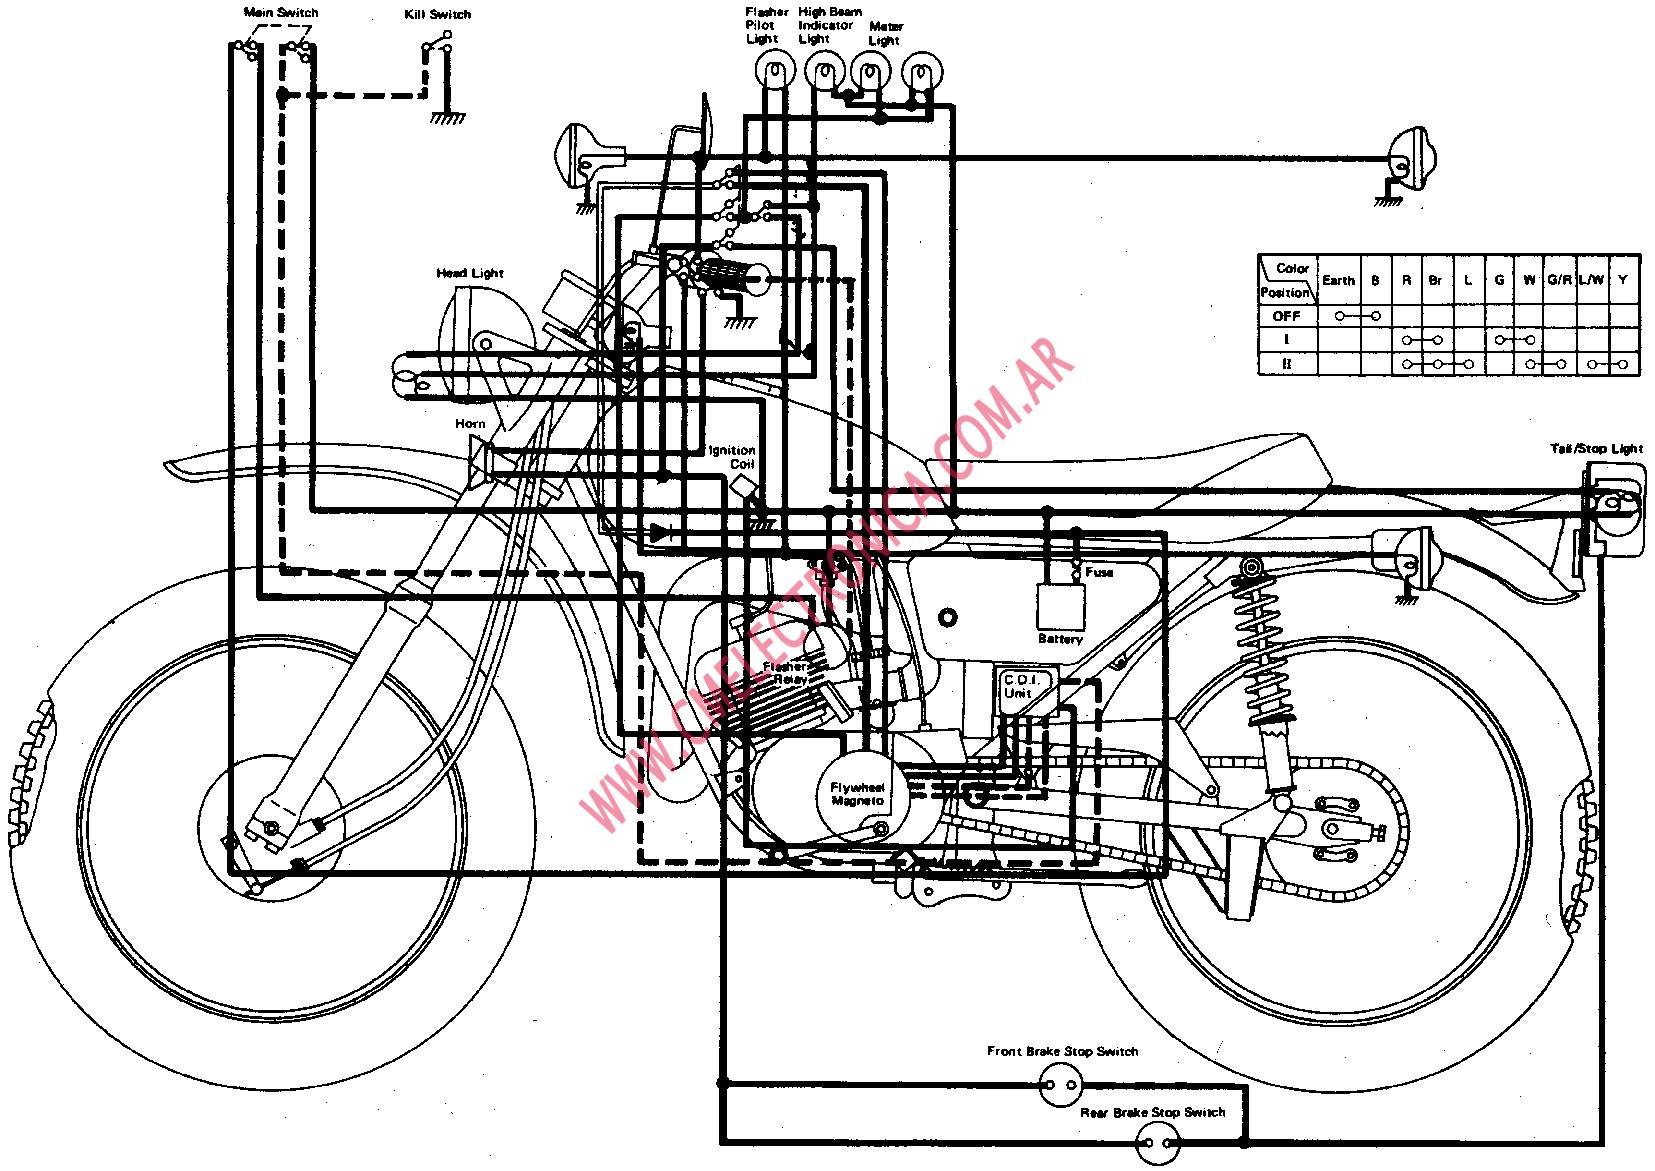 1971 yamaha 125 enduro wiring diagram